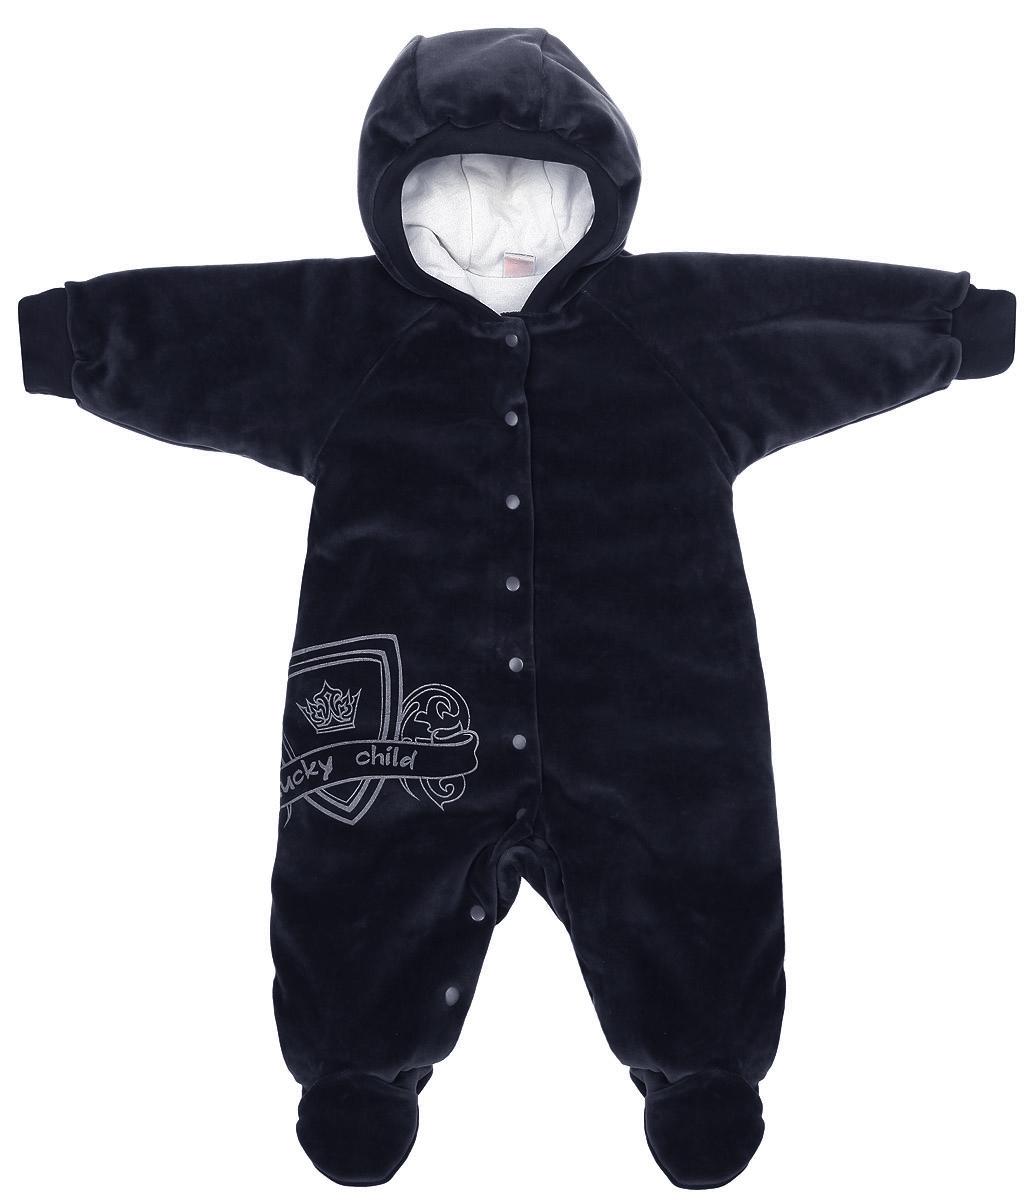 Комбинезон детский Lucky Child, цвет: темно-синий, белый. 5-1. Размер 68/745-1Детский комбинезон Lucky Child - очень удобный и практичный вид одежды для малышей. Комбинезон выполнен из велюра на подкладке из натурального хлопка, благодаря чему он необычайно мягкий и приятный на ощупь, не раздражают нежную кожу ребенка и хорошо вентилируются, а эластичные швы приятны телу младенца и не препятствуют его движениям. В качестве утеплителя используется синтепон. Комбинезон с капюшоном, длинными рукавами-реглан и закрытыми ножками по центру застегивается на металлические застежки-кнопки, также имеются застежки-кнопки на ластовице, что помогает с легкостью переодеть младенца или сменить подгузник. Капюшон по краю дополнен широкой трикотажной резинкой. Рукава понизу дополнены широкими эластичными манжетами, которые мягко обхватывают запястья. Спереди изделие оформлено оригинальным принтом в виде логотипа бренда. С детским комбинезоном Lucky Child спинка и ножки вашего малыша всегда будут в тепле. Комбинезон полностью соответствует особенностям жизни младенца в ранний период, не стесняя и не ограничивая его в движениях!